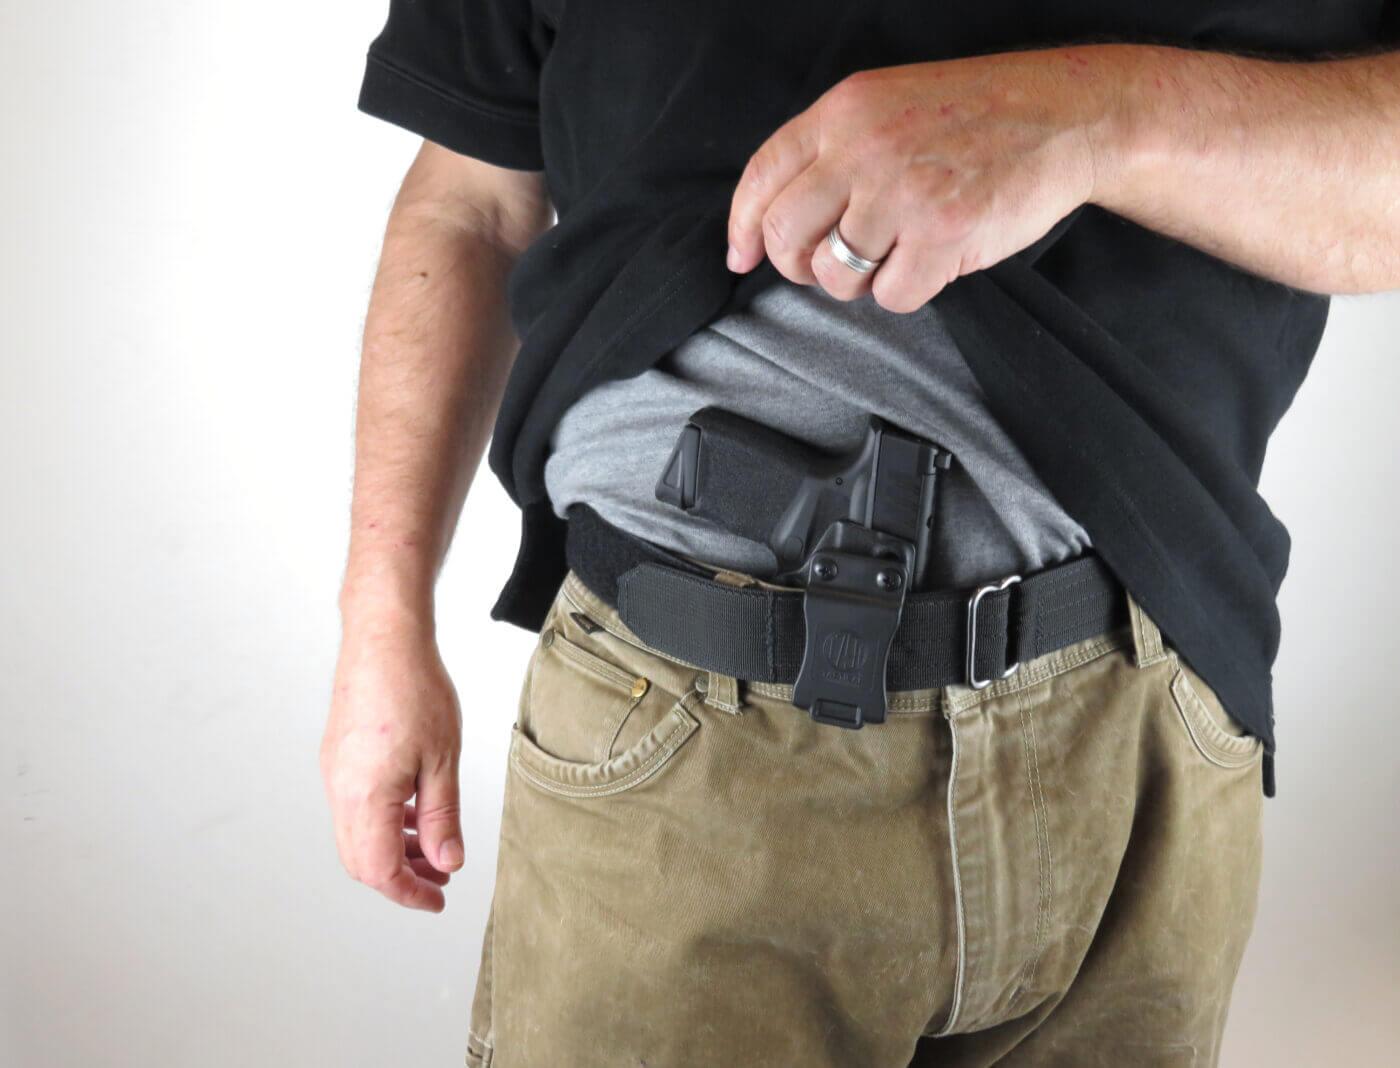 Man showing holster under a shirt